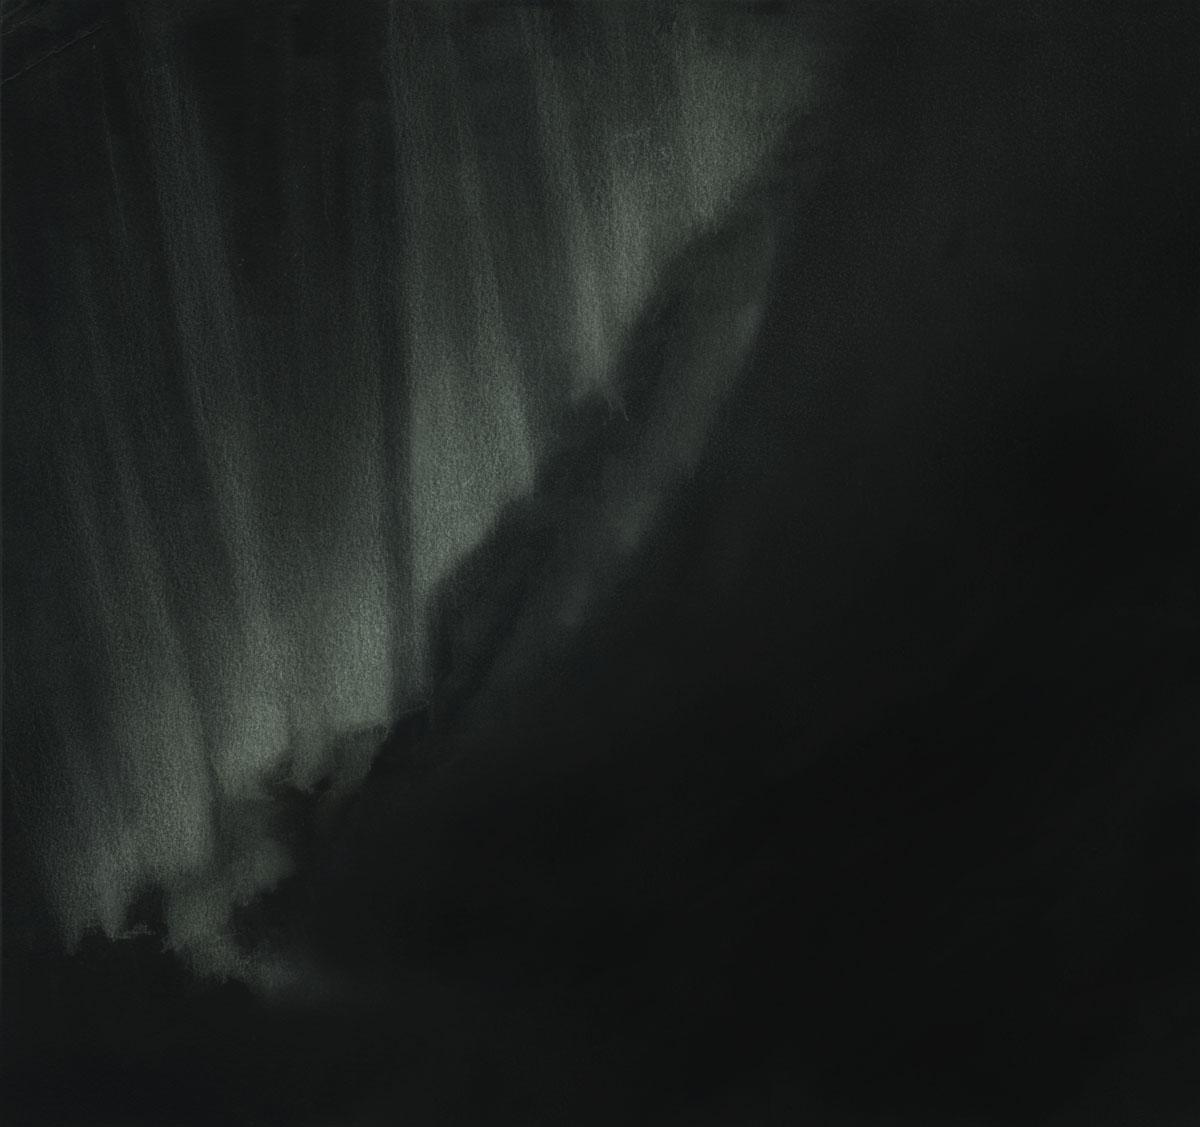 8125-1508691916.jpg